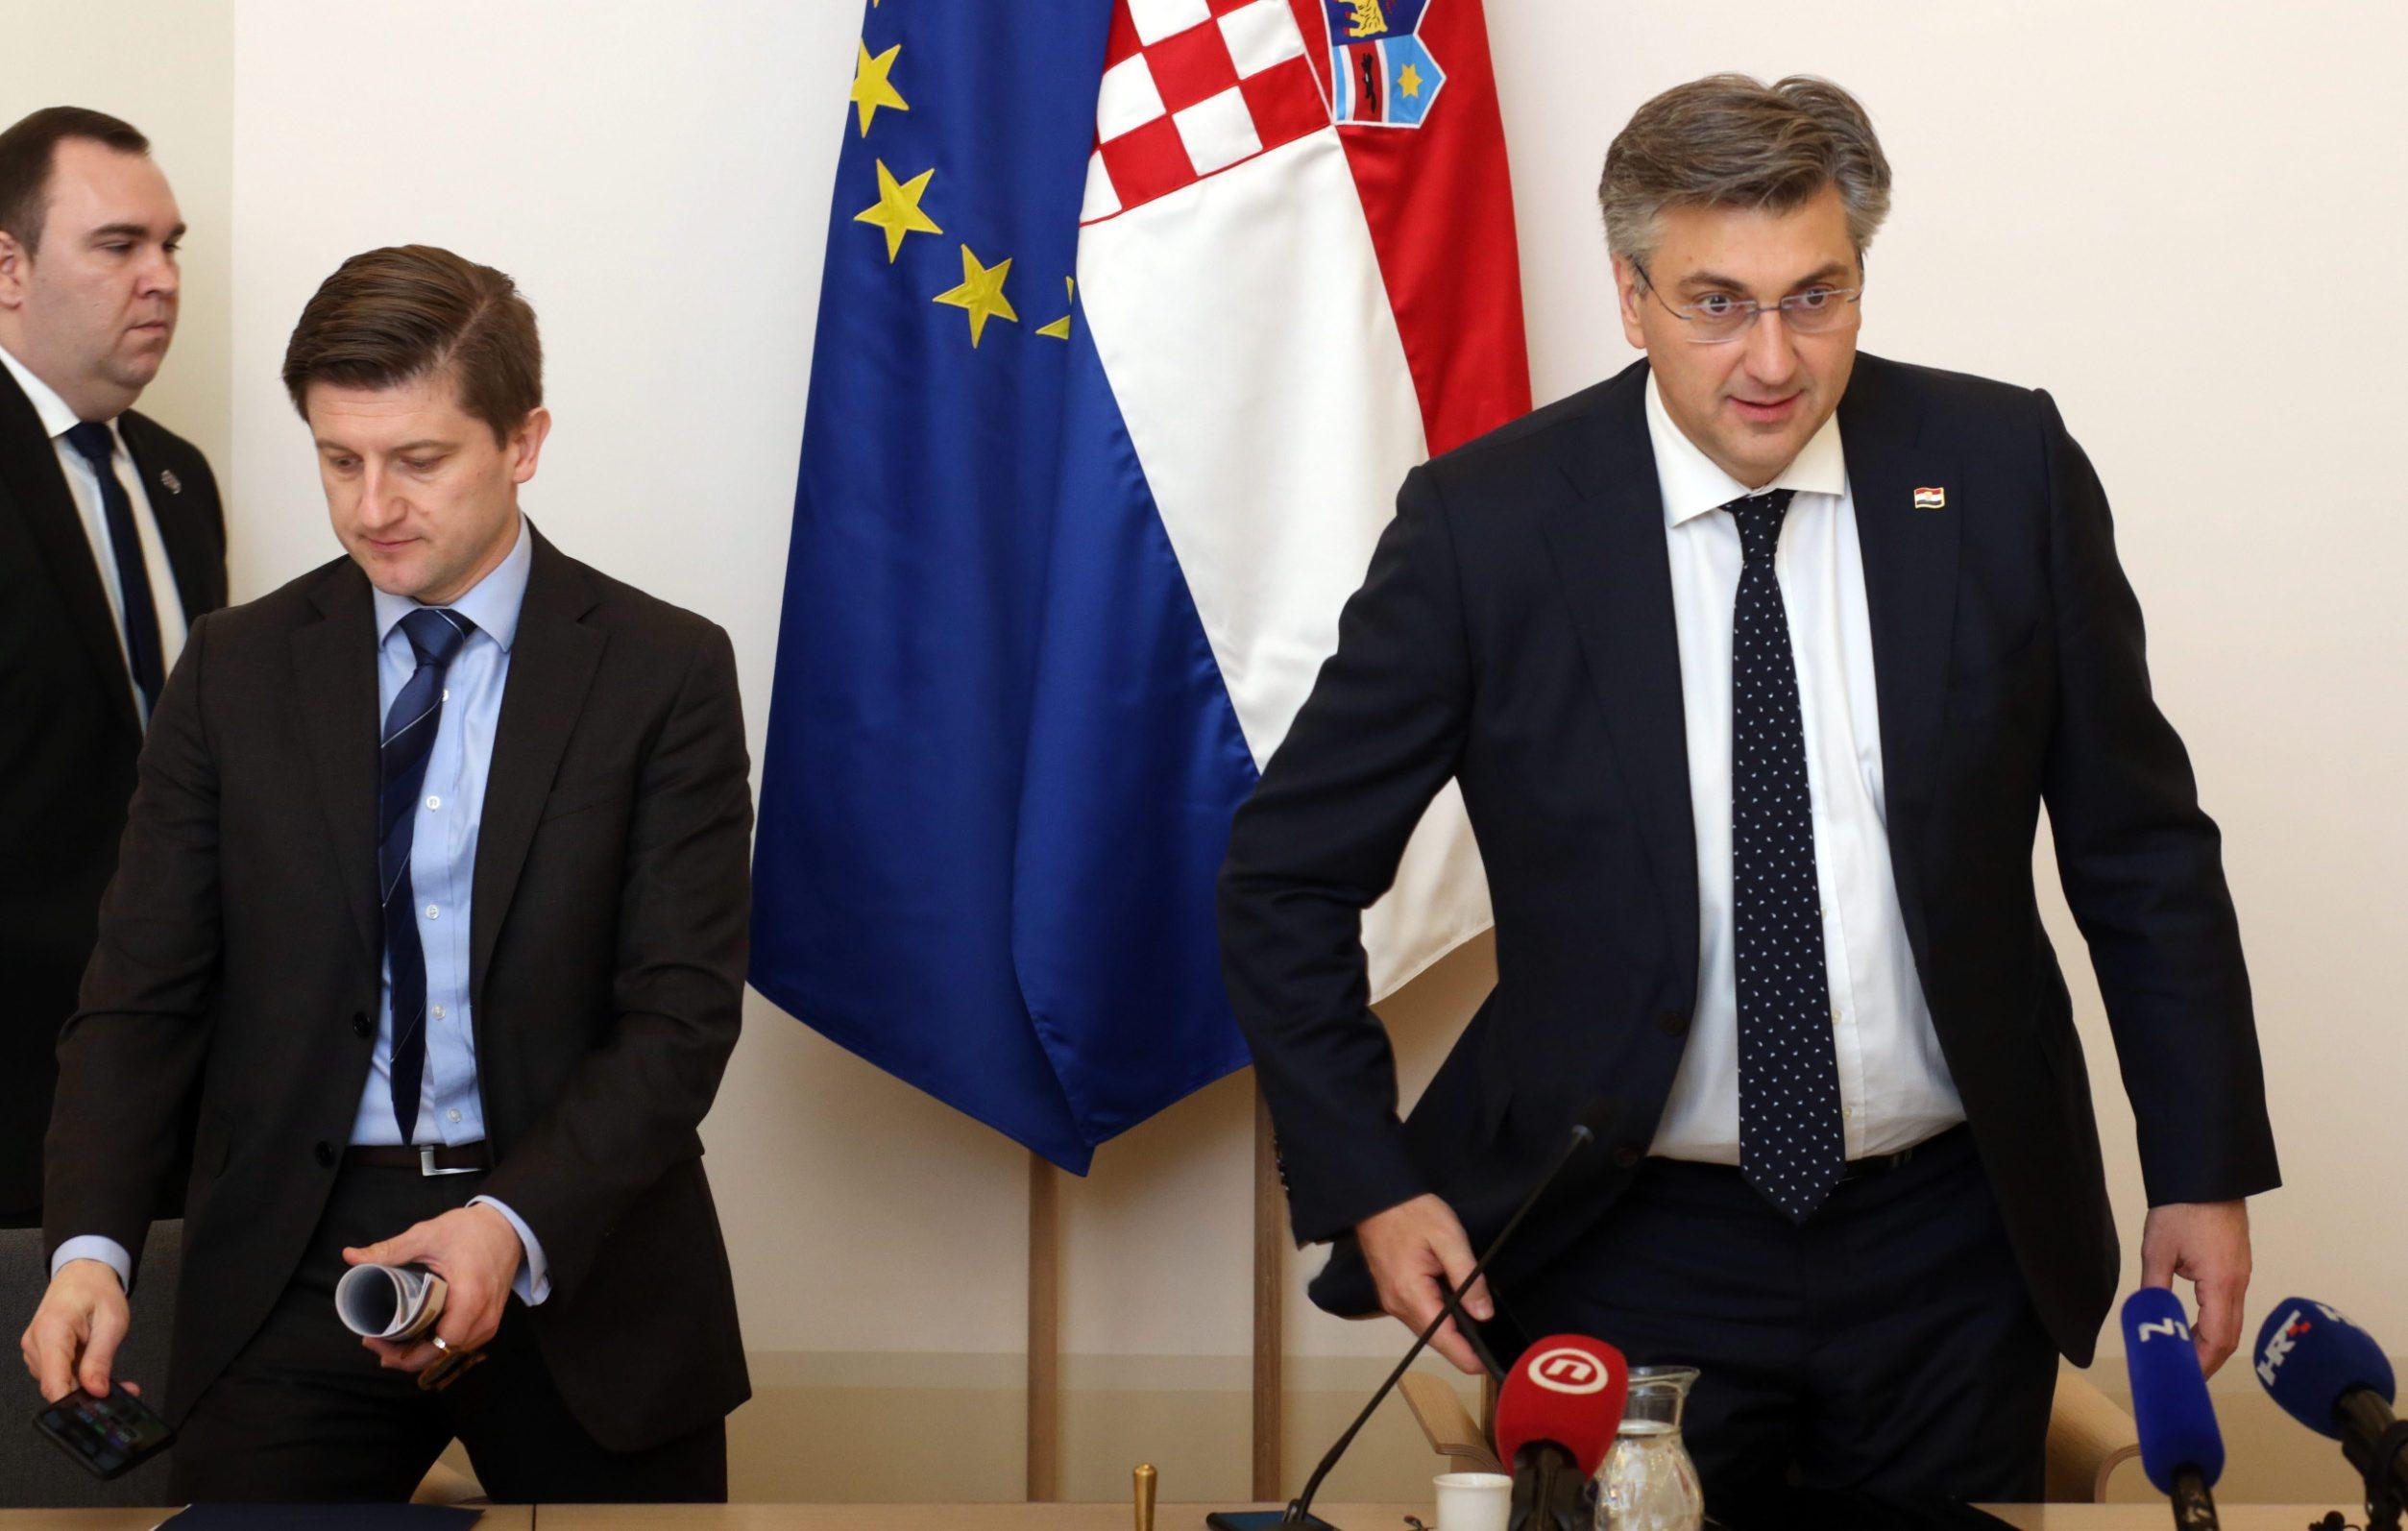 Minister of Finance Zdravko Marić and Prime Minister Andrej Plenković